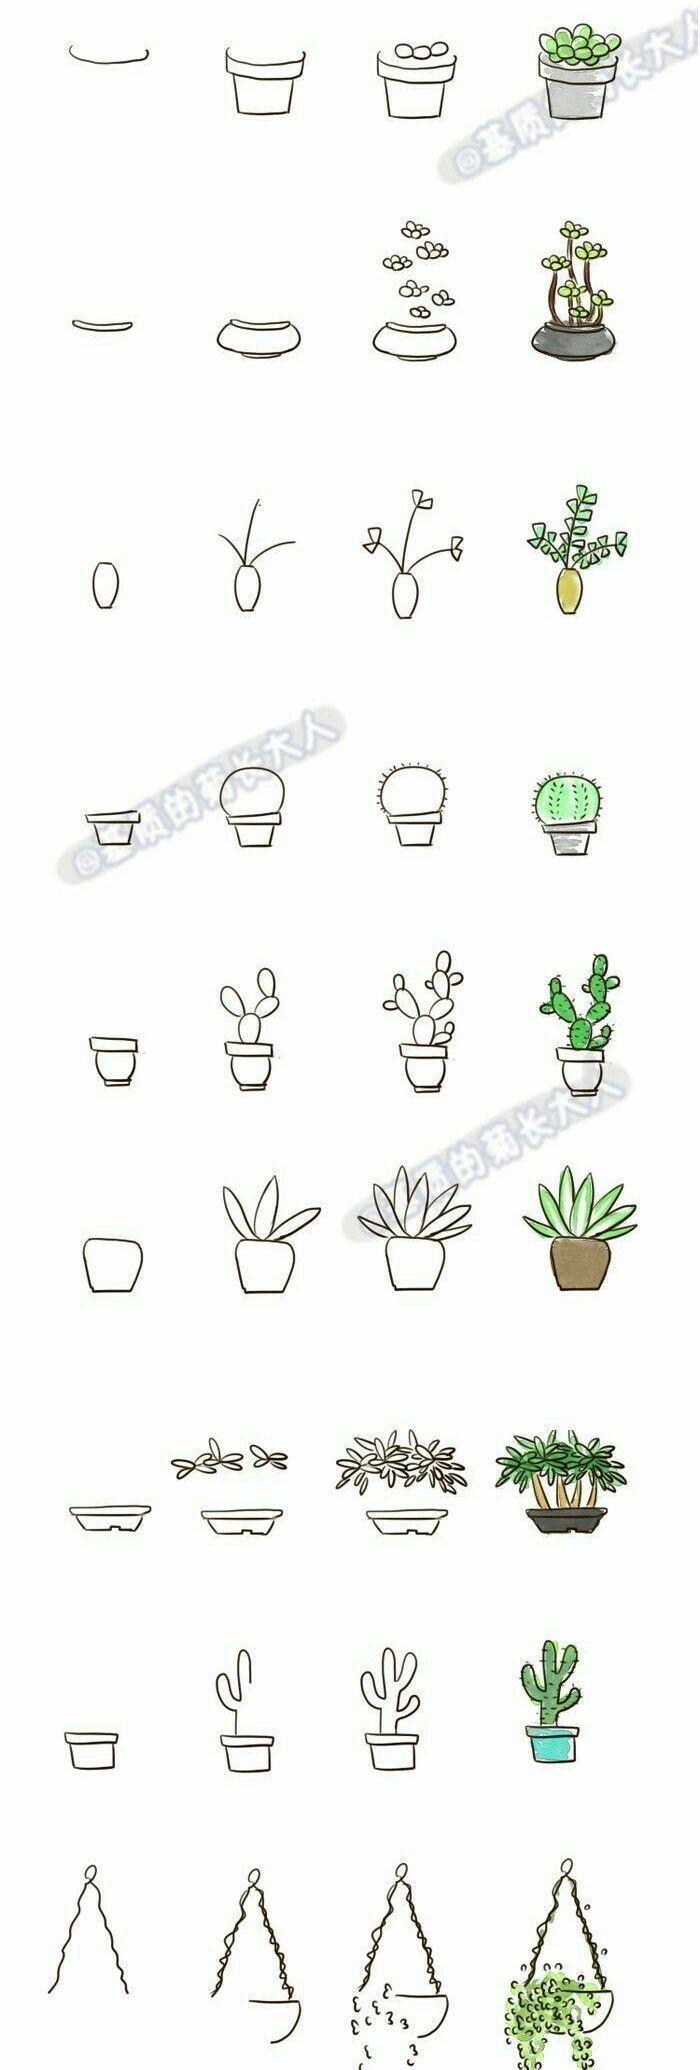 Dessin de griffonnage pour votre journal de balle, cactus succulentes étape par étape #bulletjo